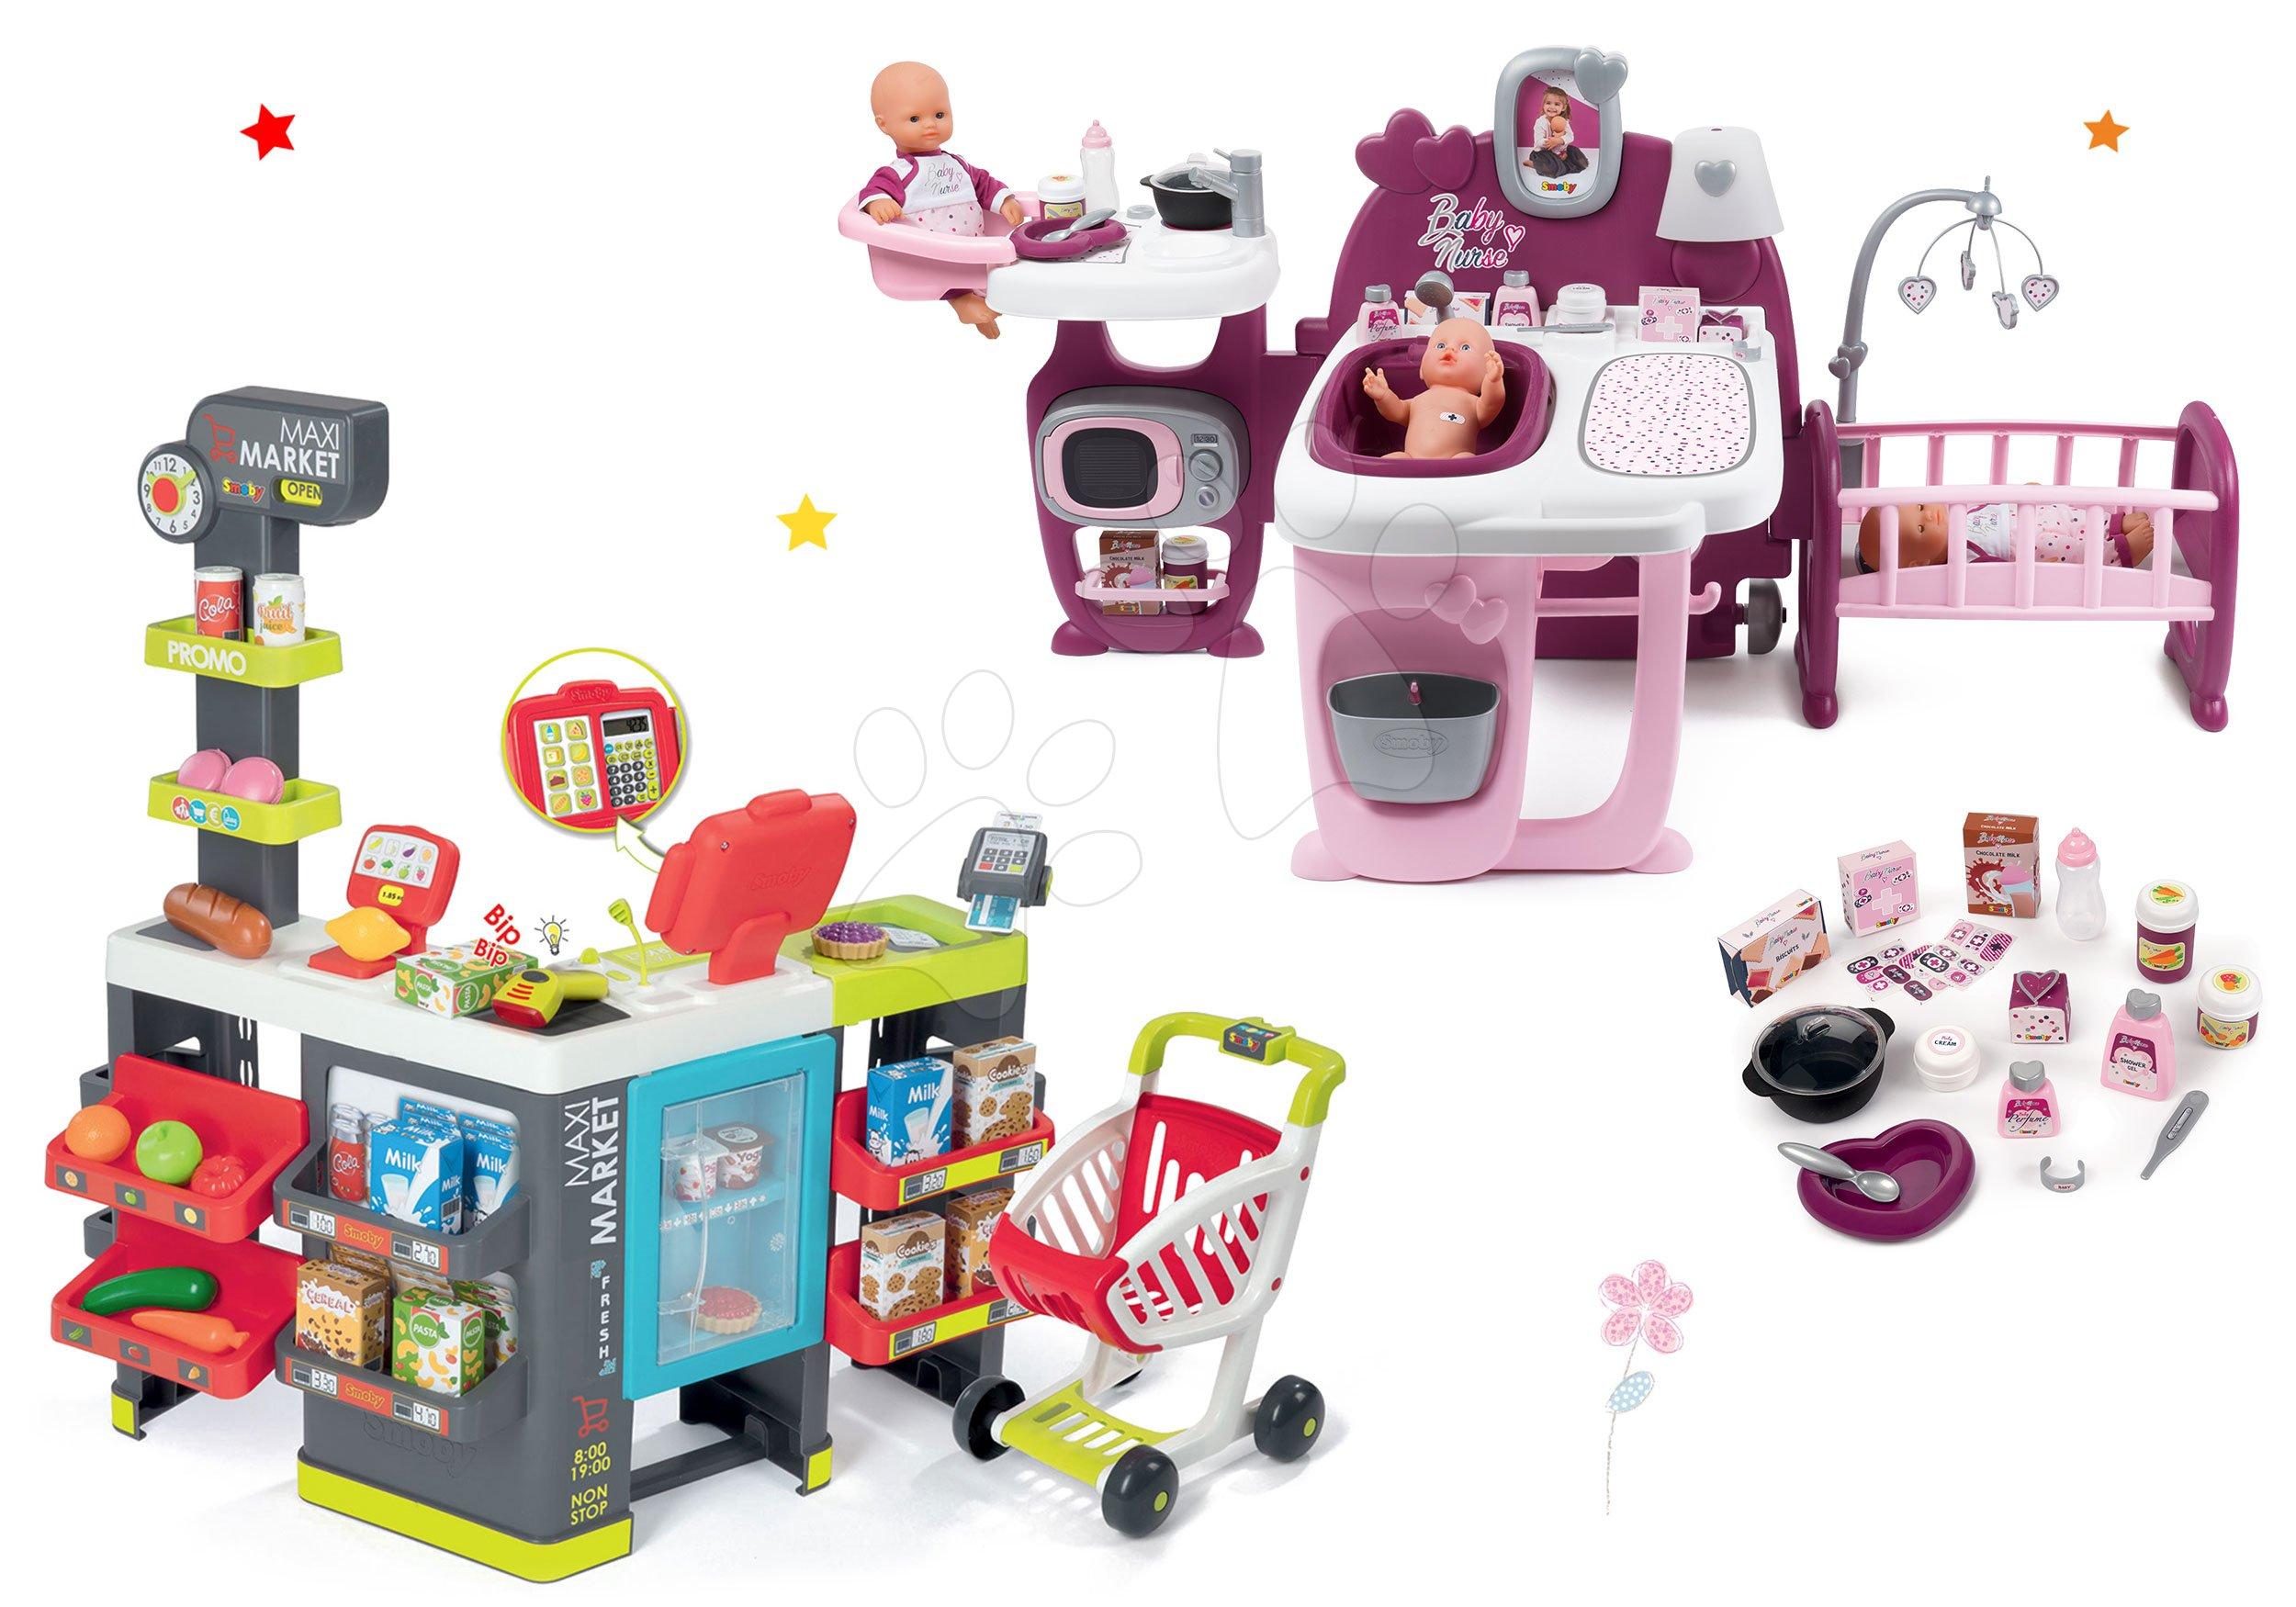 Smoby set domeček pro panenku Baby Nurse Doll´s Play Center a elektronický obchod Maxi Market 220327-9